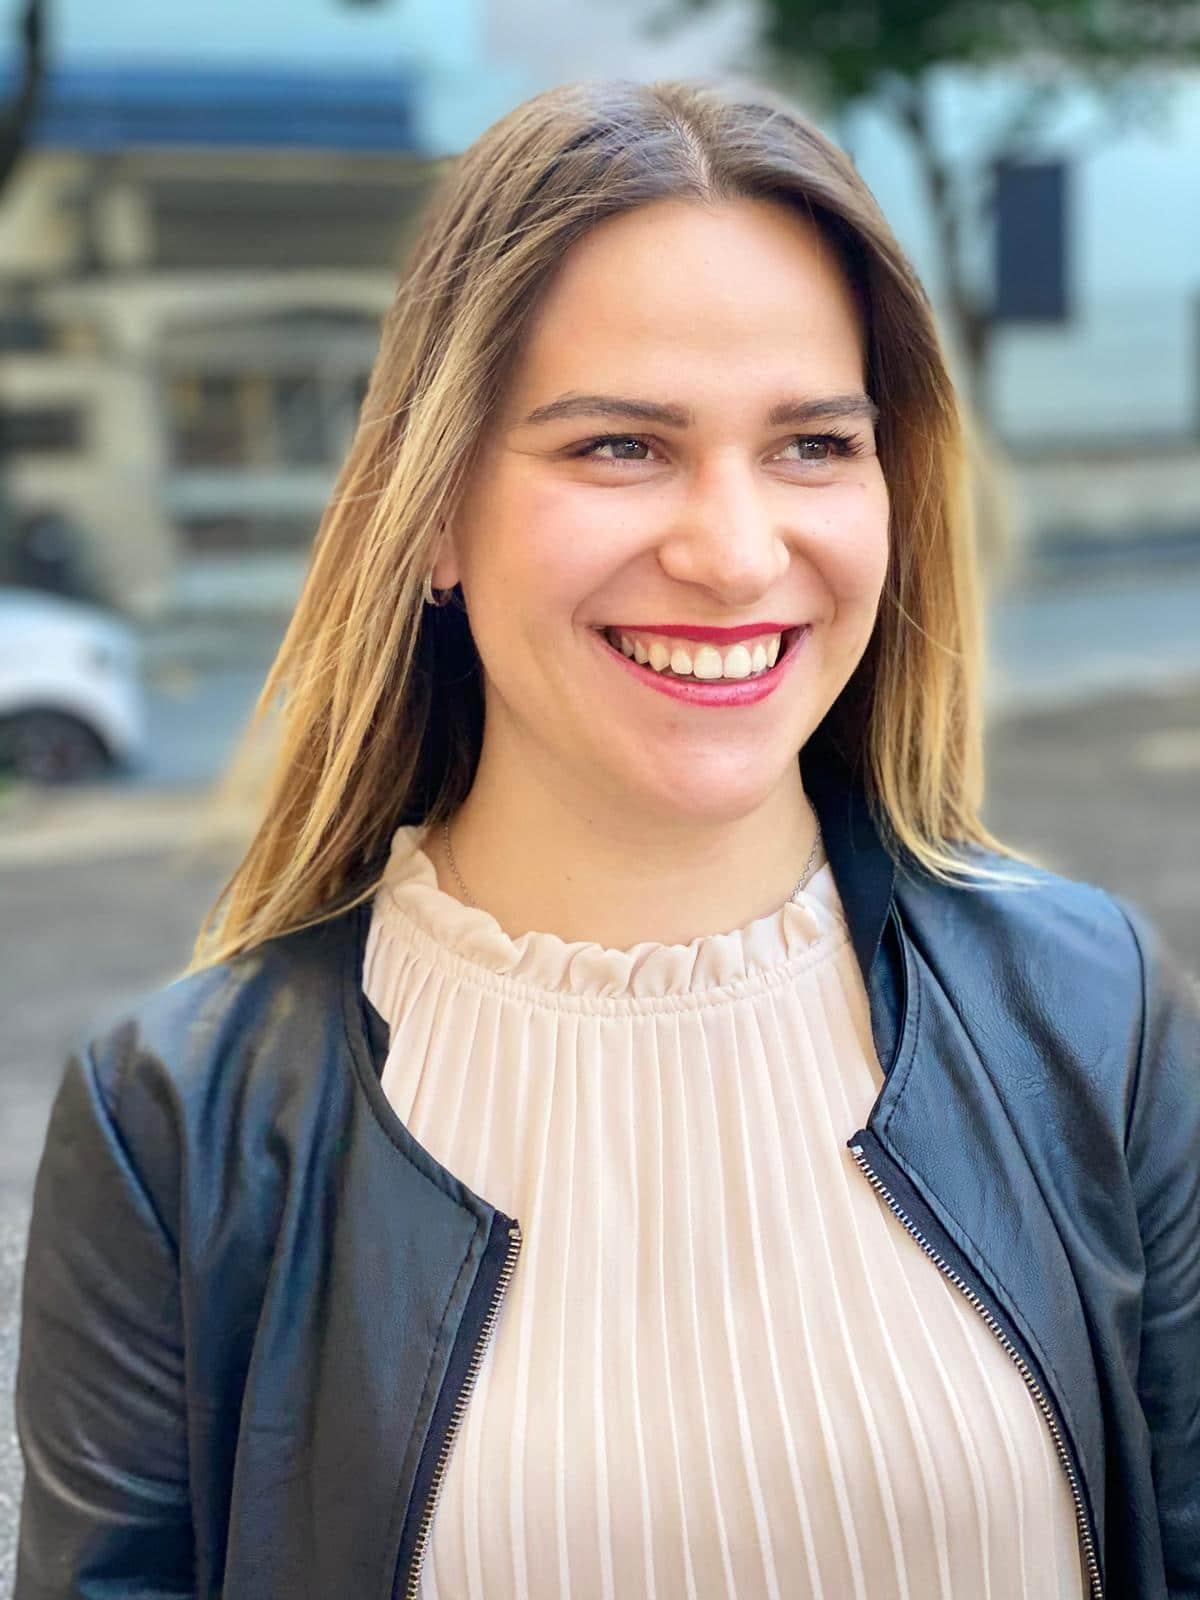 Nasce Peramore, il brand di abbigliamento femminile creato dalla giovane marsicana Eleonora Pera